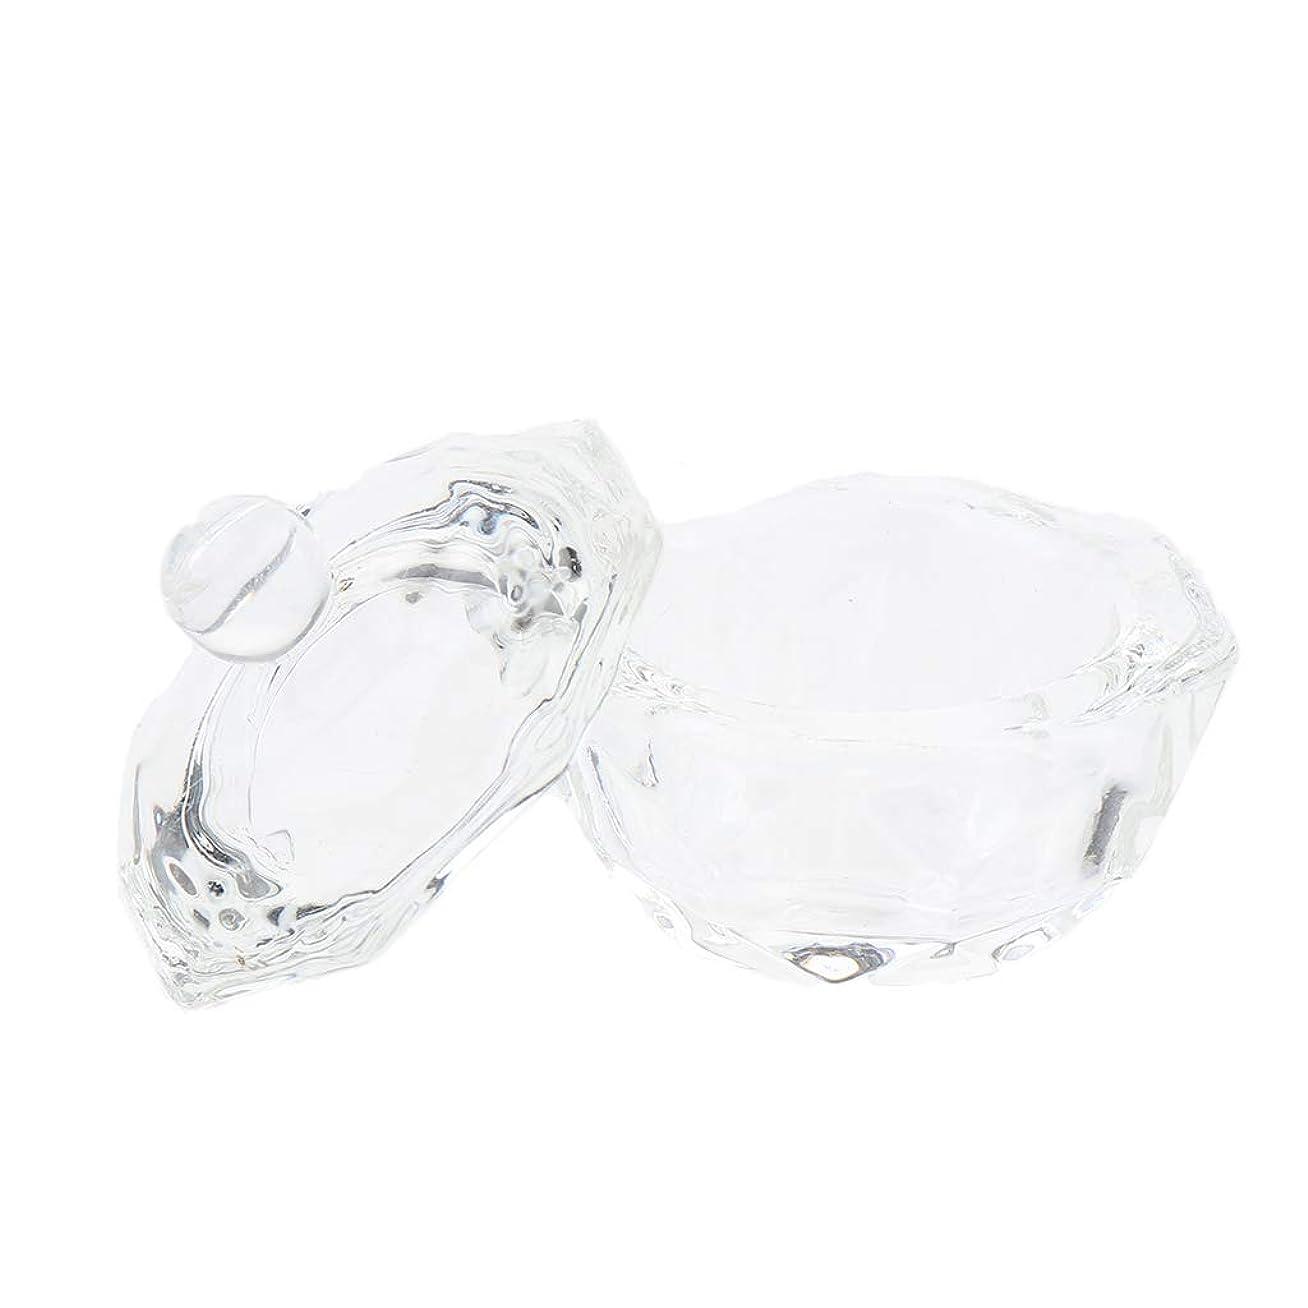 脚本クライマックス送信するCUTICATE ガラスボウルカップ ネイルアート 透明ガラス ネイルアートツール ミキシングカップ ネイルサロン用